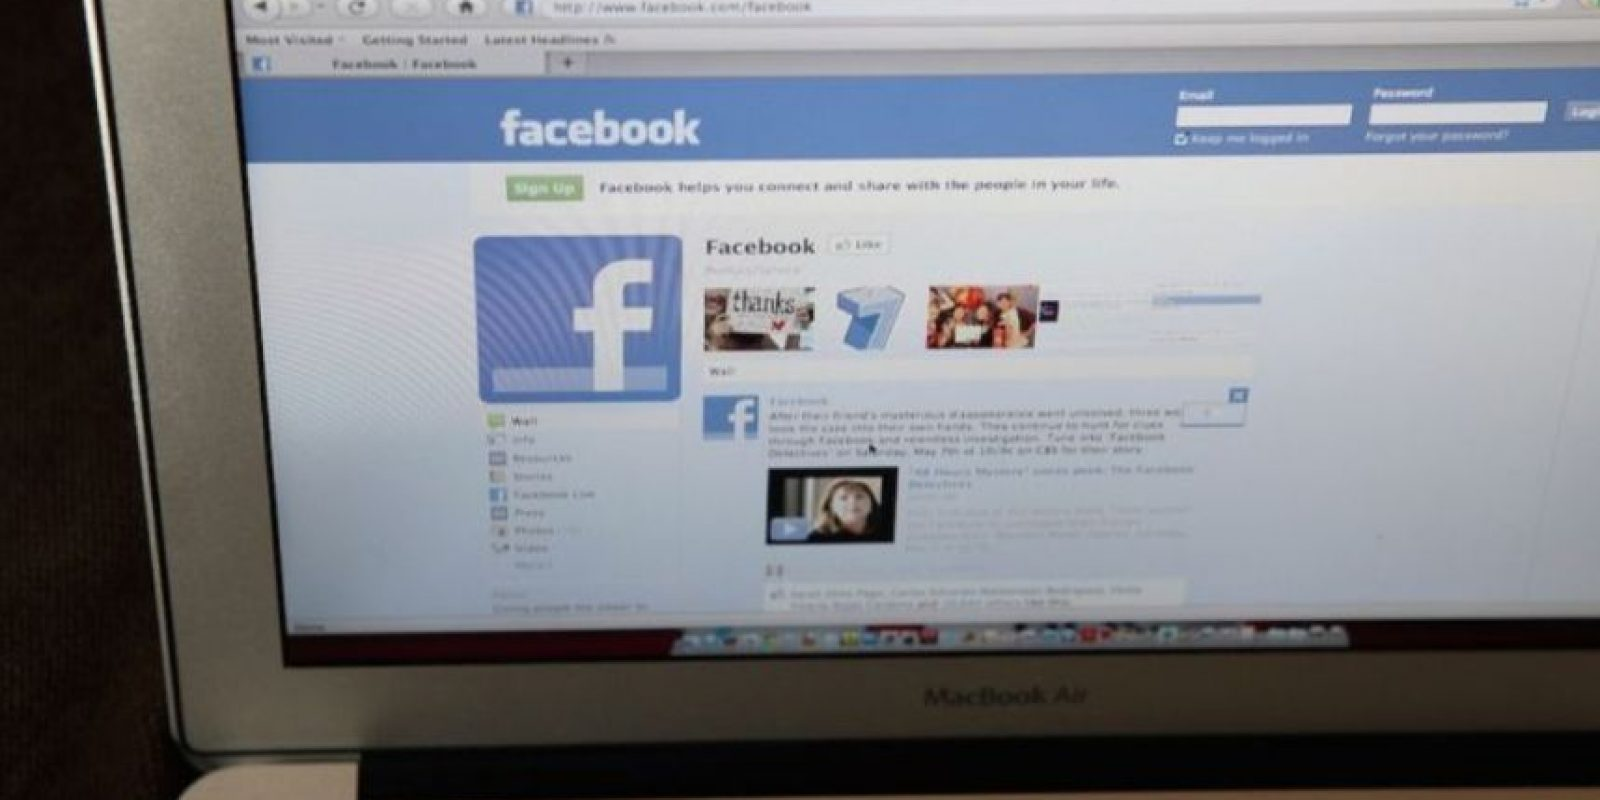 El español fue el segundo idioma en el que estuvo disponible Facebook, después del inglés. Foto:Getty Images